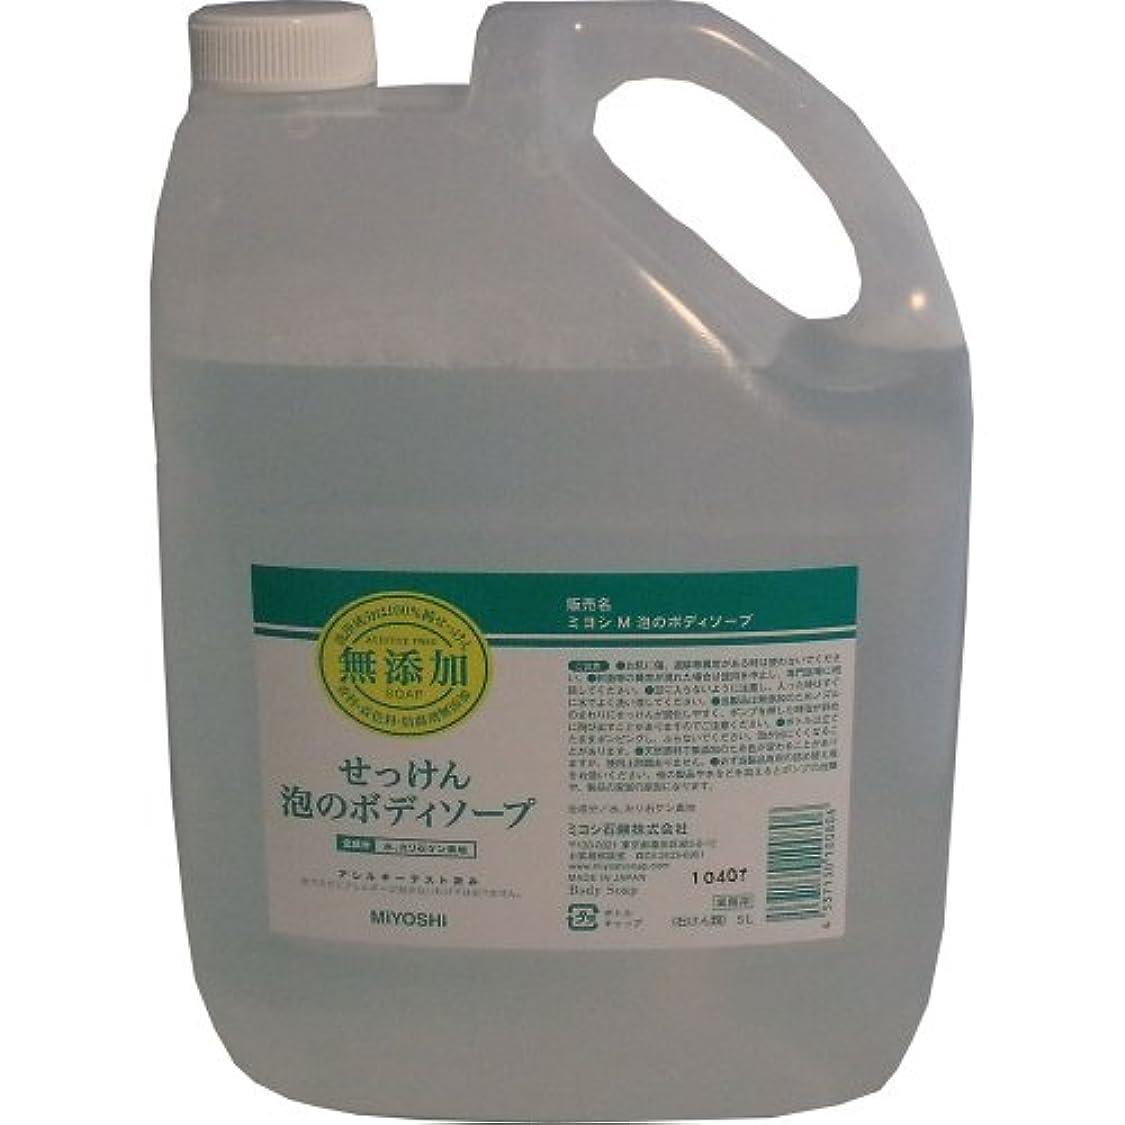 一握りピッククリーナーミヨシ石鹸 業務用 無添加せっけん 泡のボディソープ 詰め替え用 5Lサイズ×4点セット